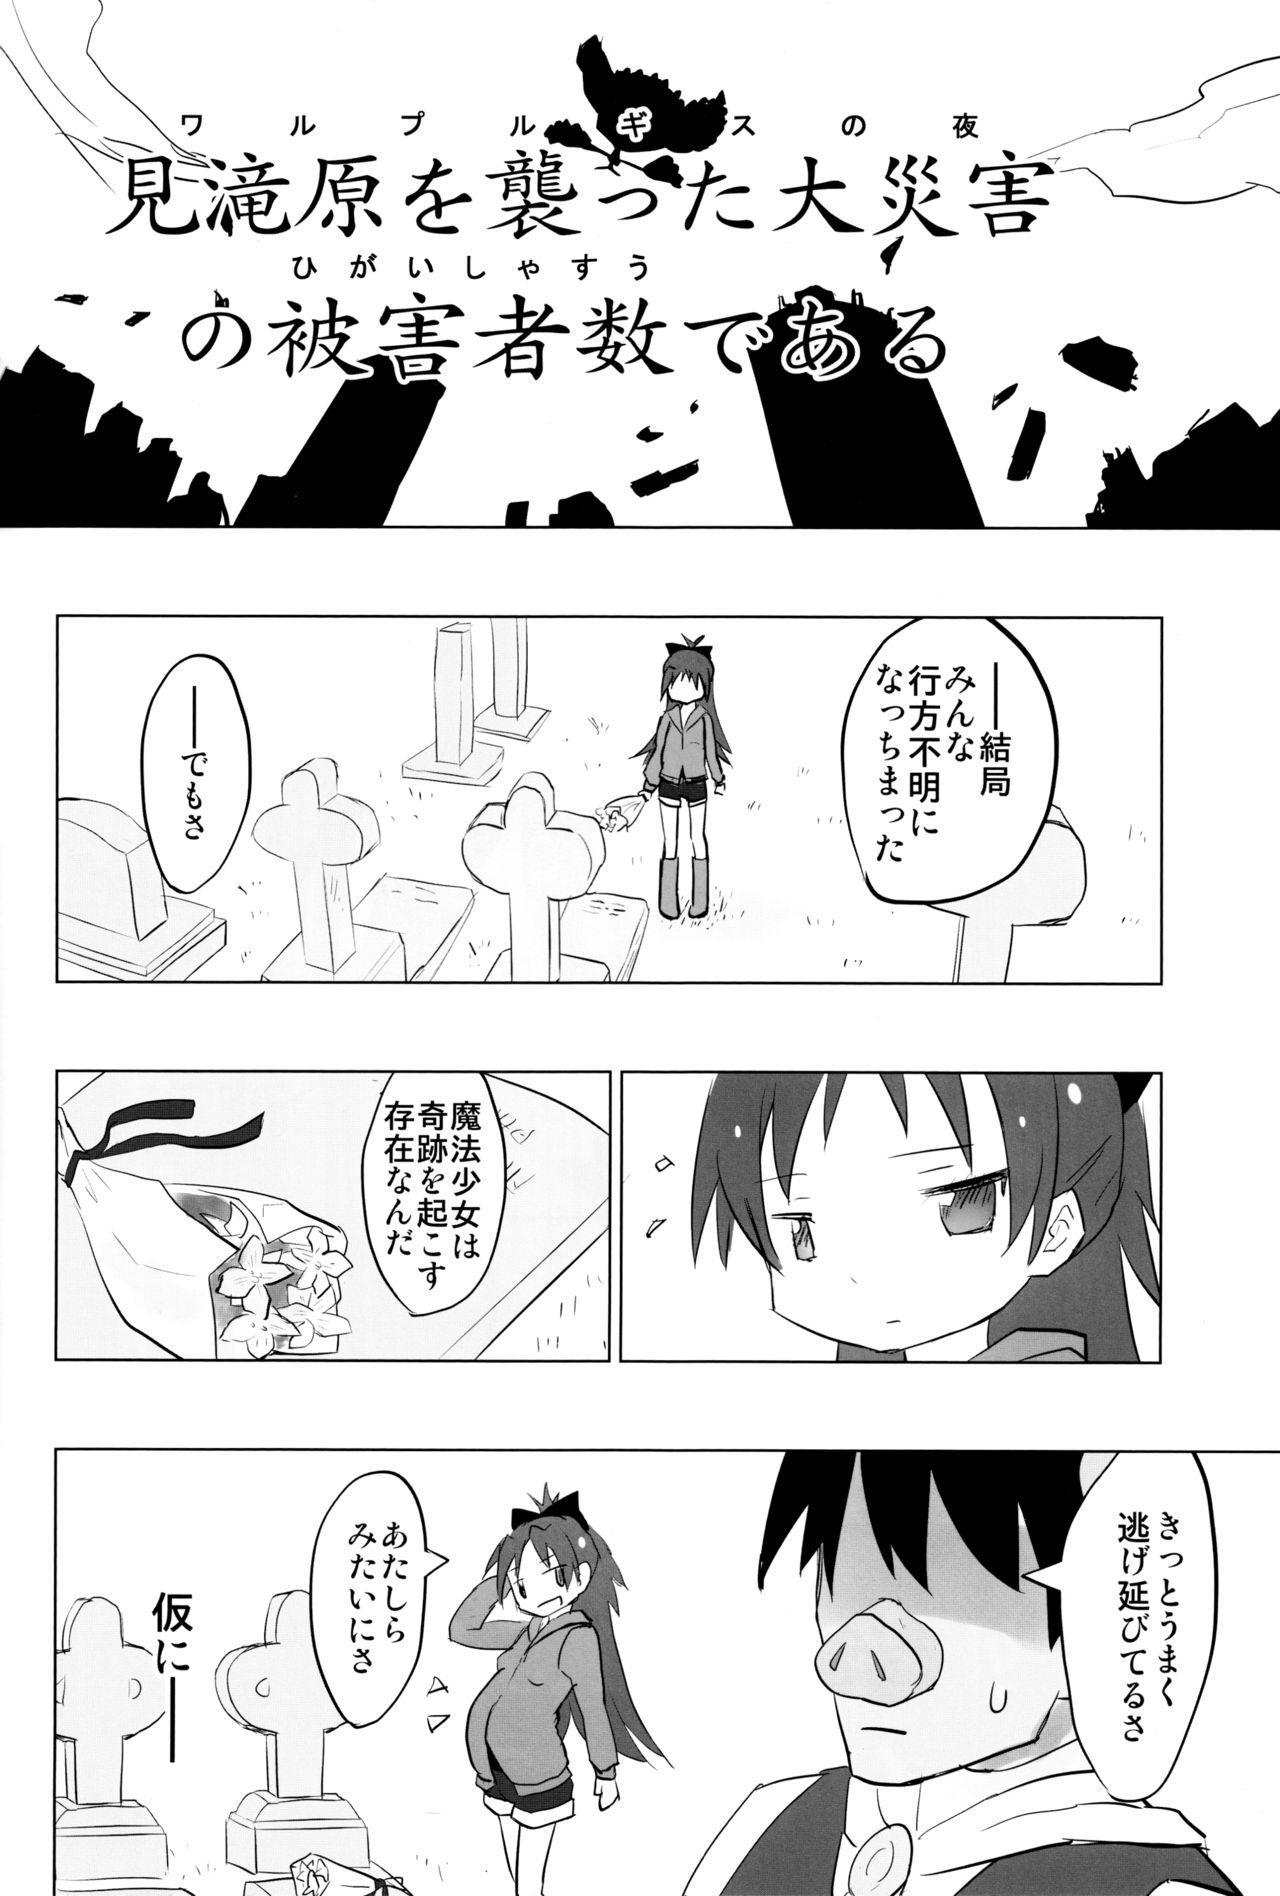 MadoOn no Sekai dato Ossan wa Mahou Shoujo de Sunao na Kyouko-chan o Tsuremawashite Zaiakukan Bokki 18